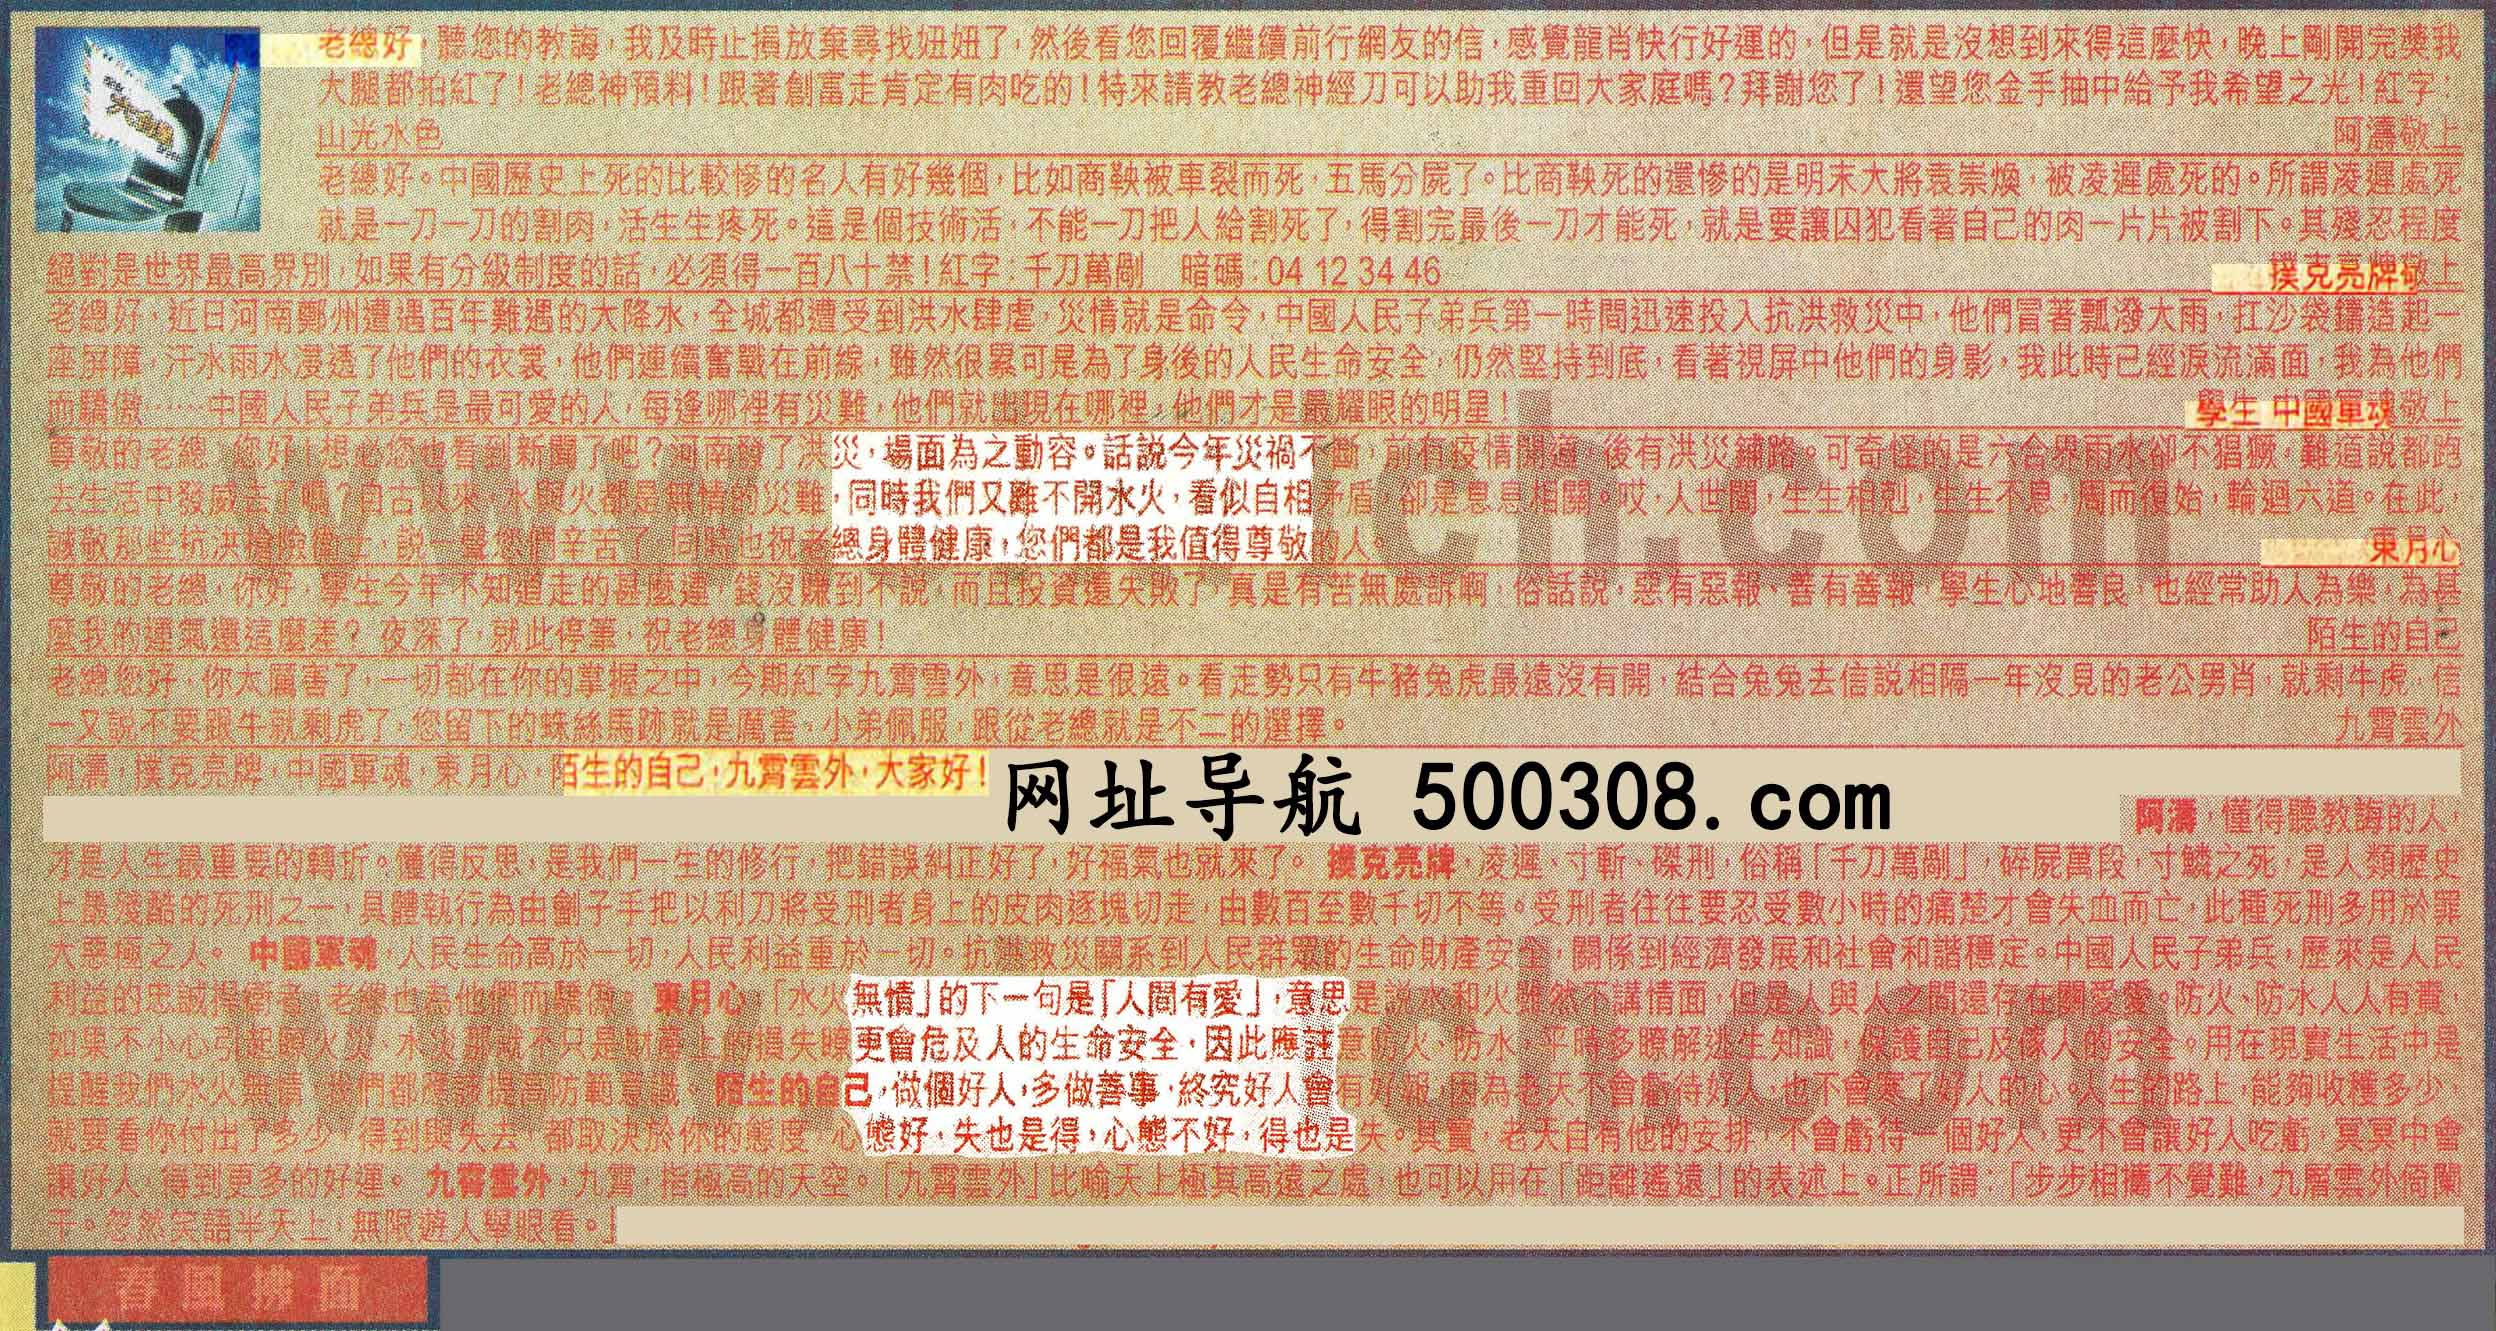 062期:彩民推荐六合皇信箱(�t字:春�L拂面) 062期开奖结果:11-34-12-28-25-27-T46(龙/红/土)